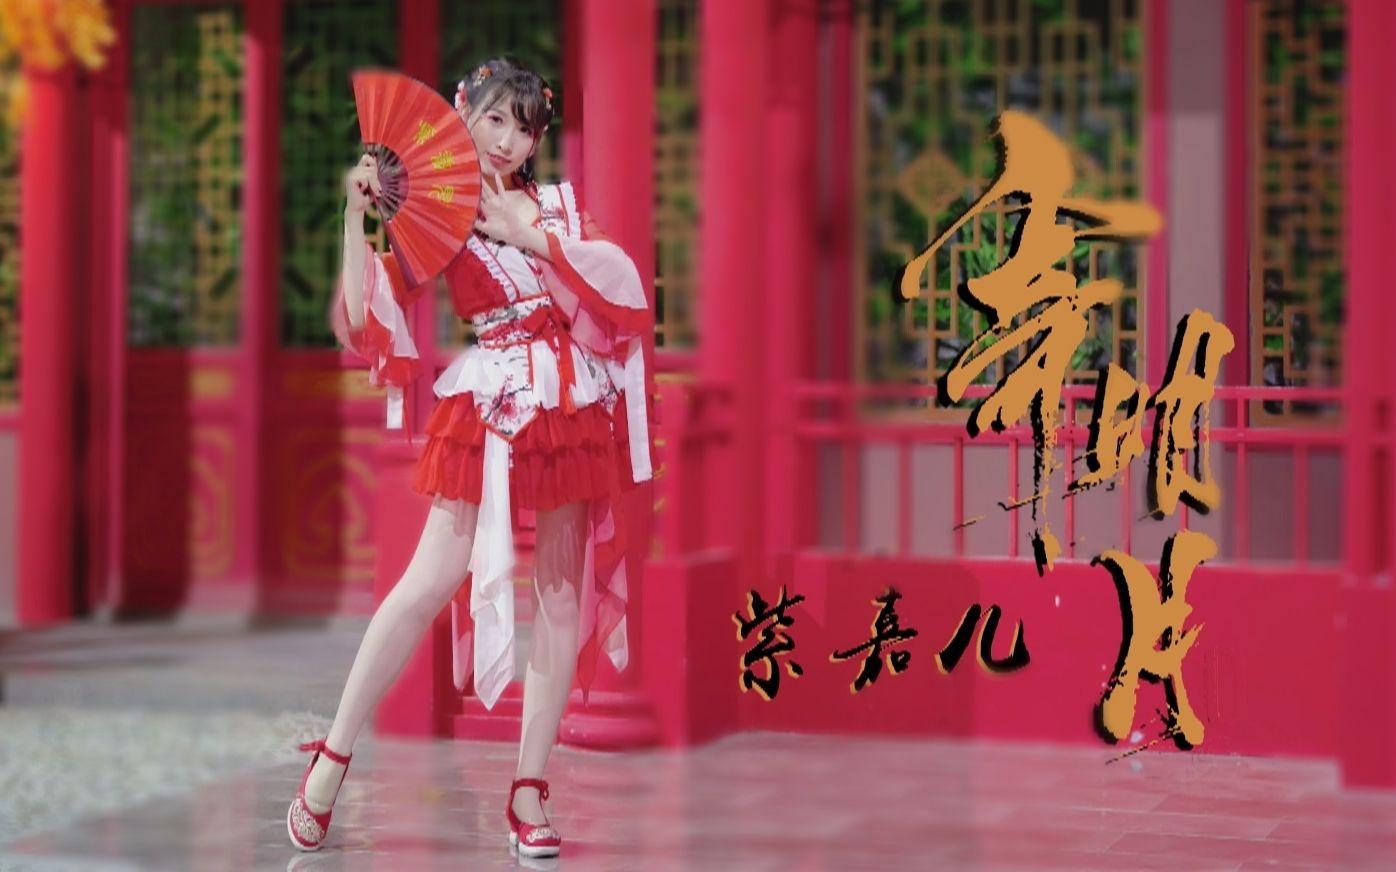 【紫嘉儿】中国风✿寄明月✿单人正片